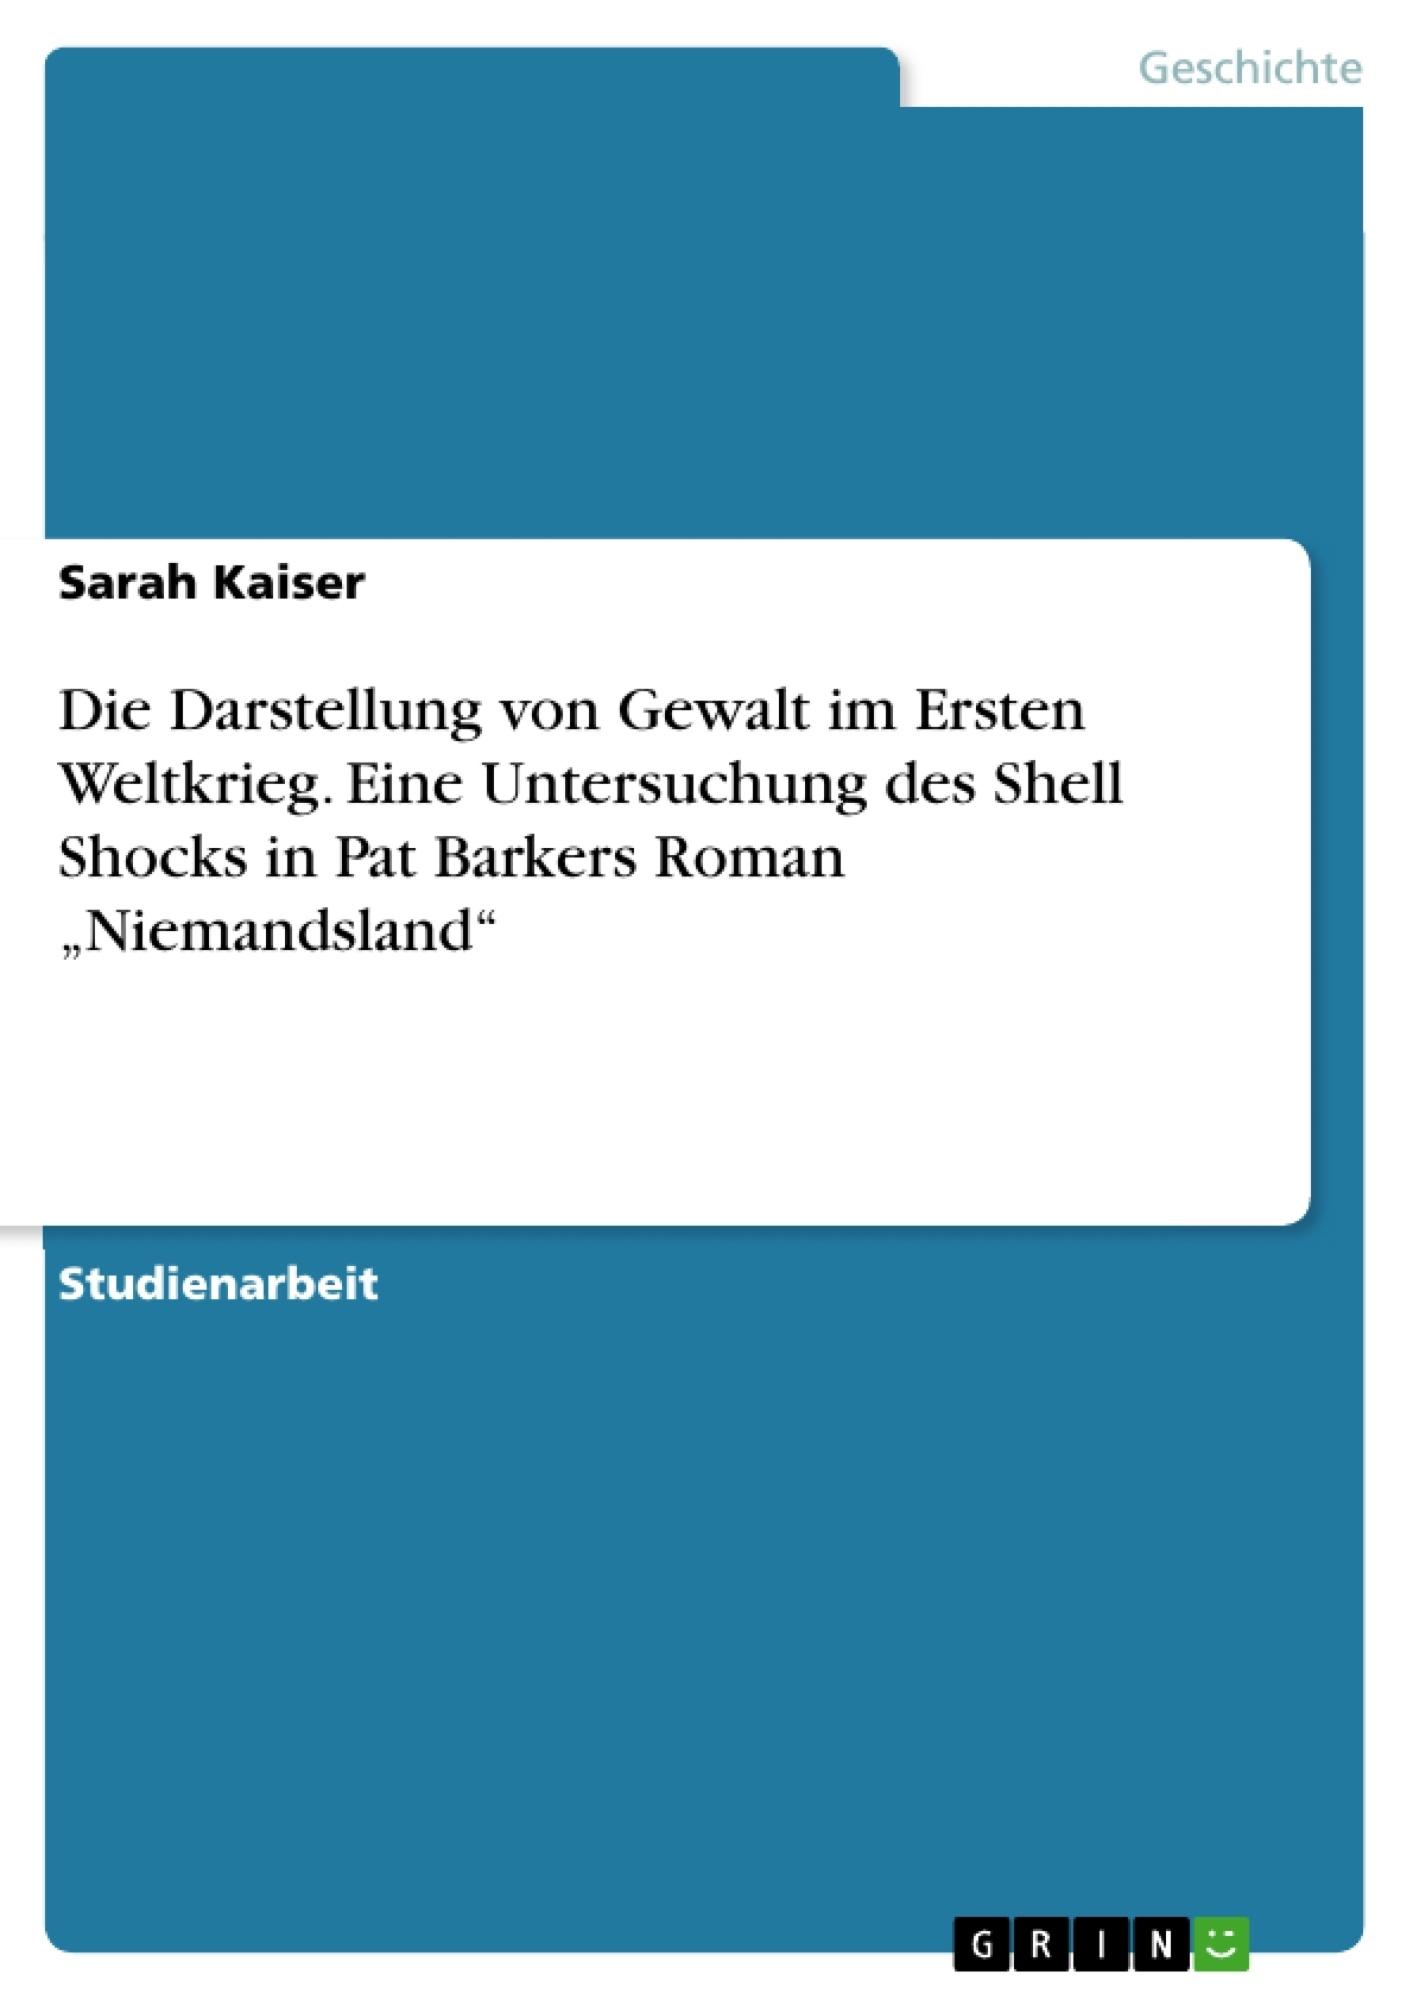 """Titel: Die Darstellung von Gewalt im Ersten Weltkrieg. Eine Untersuchung des Shell Shocks in Pat Barkers Roman """"Niemandsland"""""""